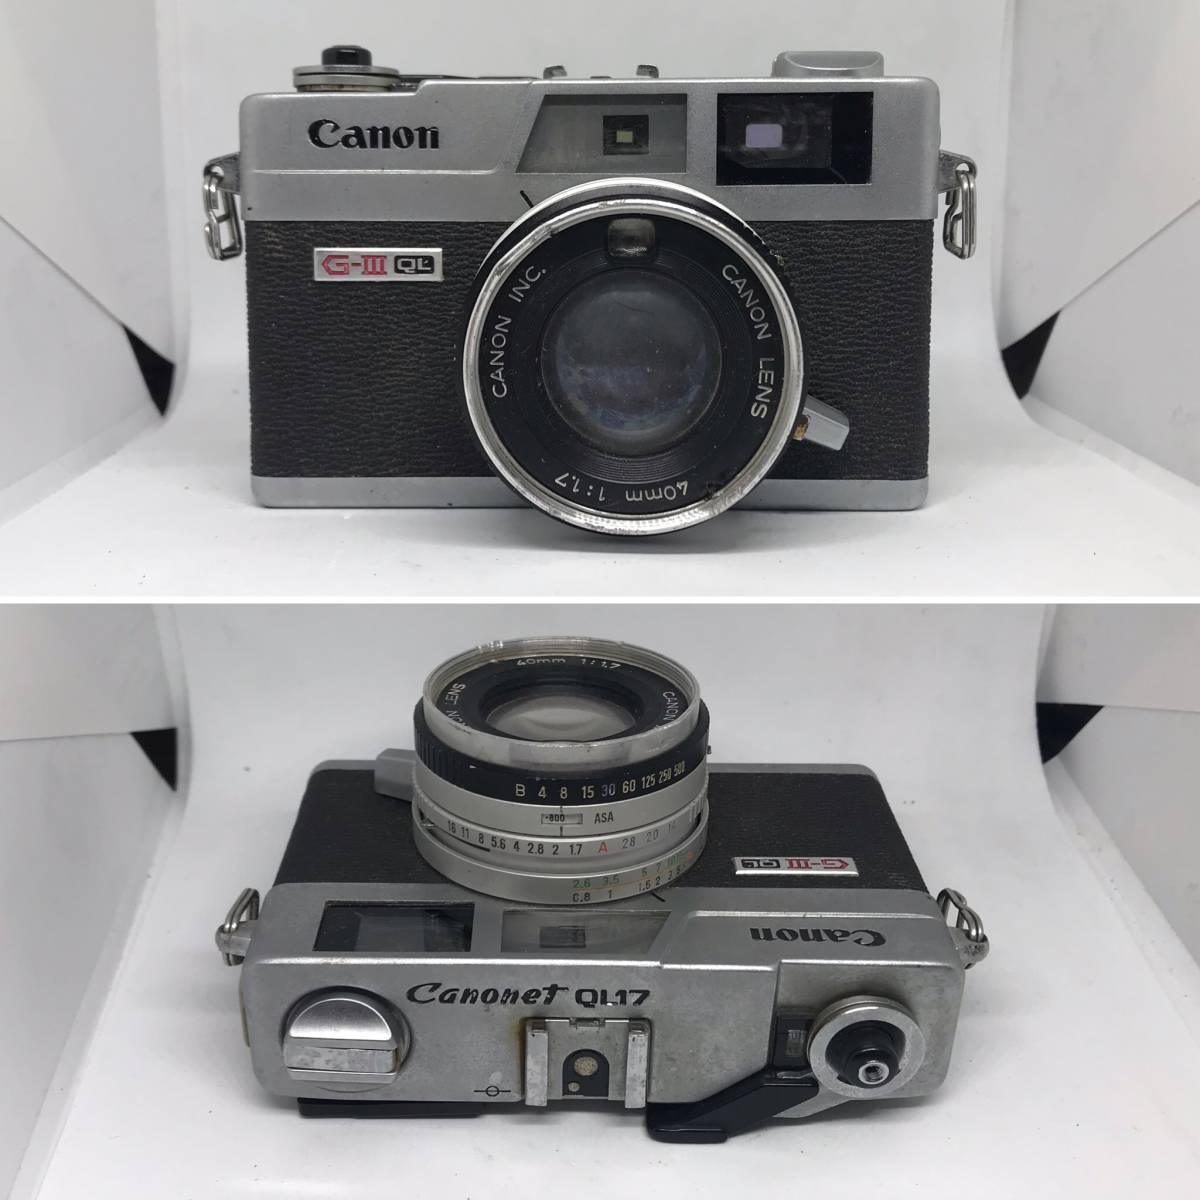 【1円スタート】キヤノン AE-1 PROGRAM、A-1、FTb、QL17 G-Ⅲ、demi EE17 他【カメラまとめて14点】_画像9